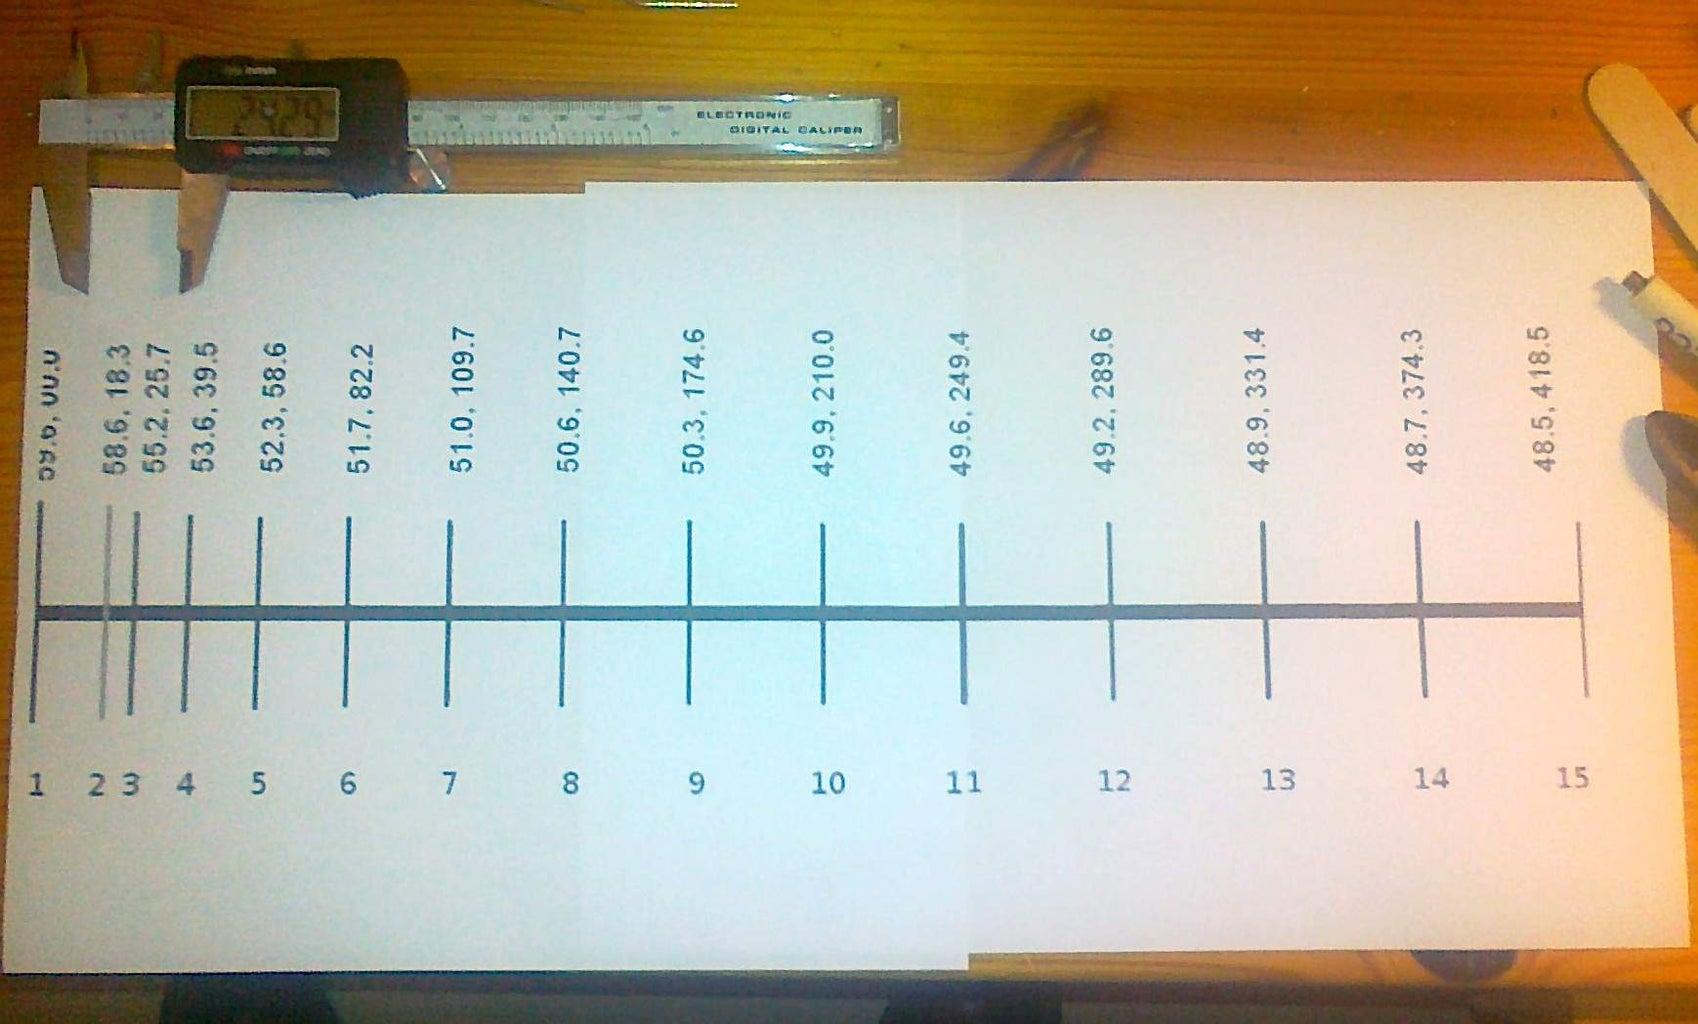 Printing the Yagi Diagram